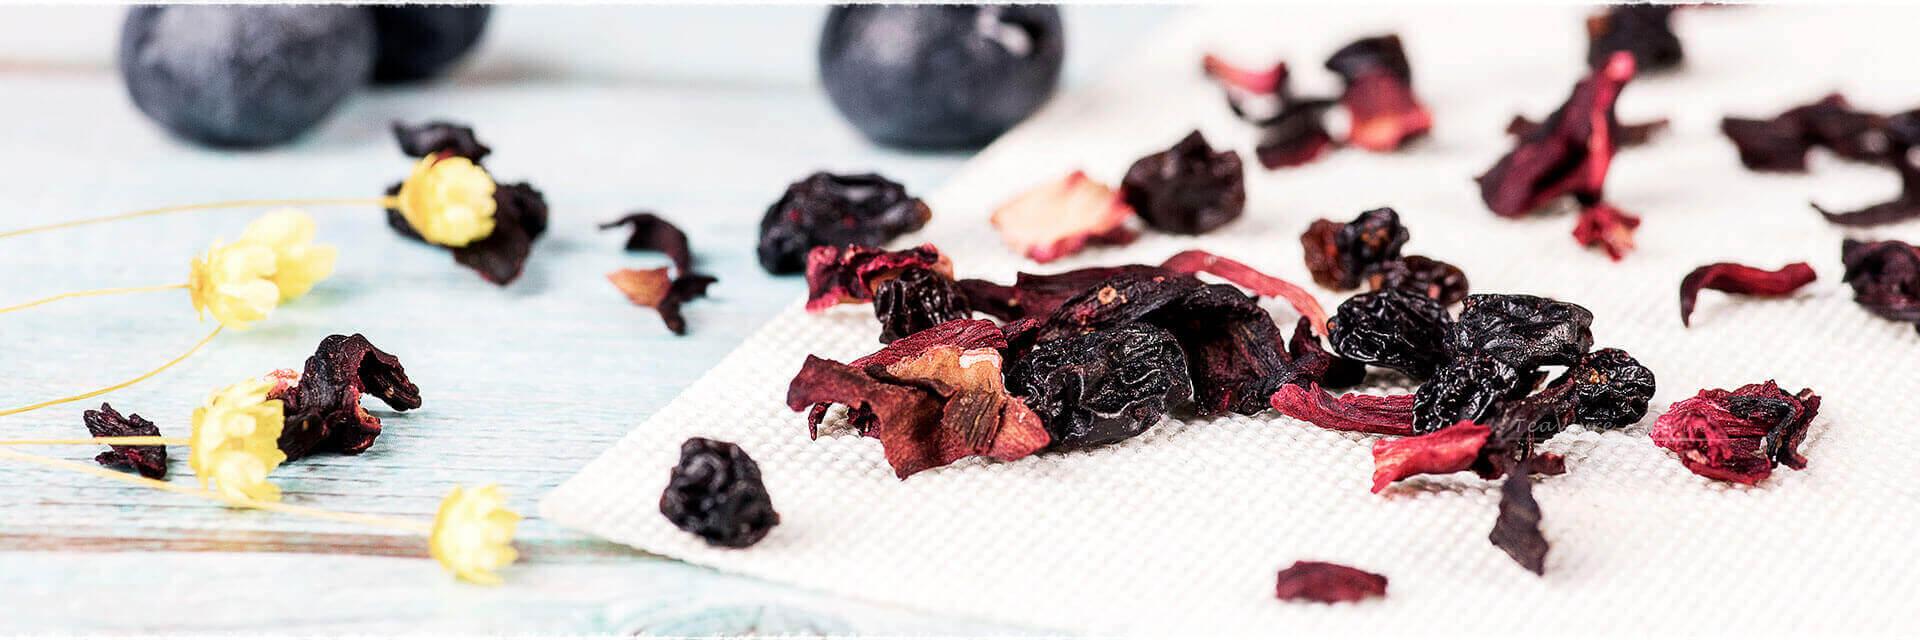 Verrine de fromage blanc et gelée fruits noirs & fruits rouges.